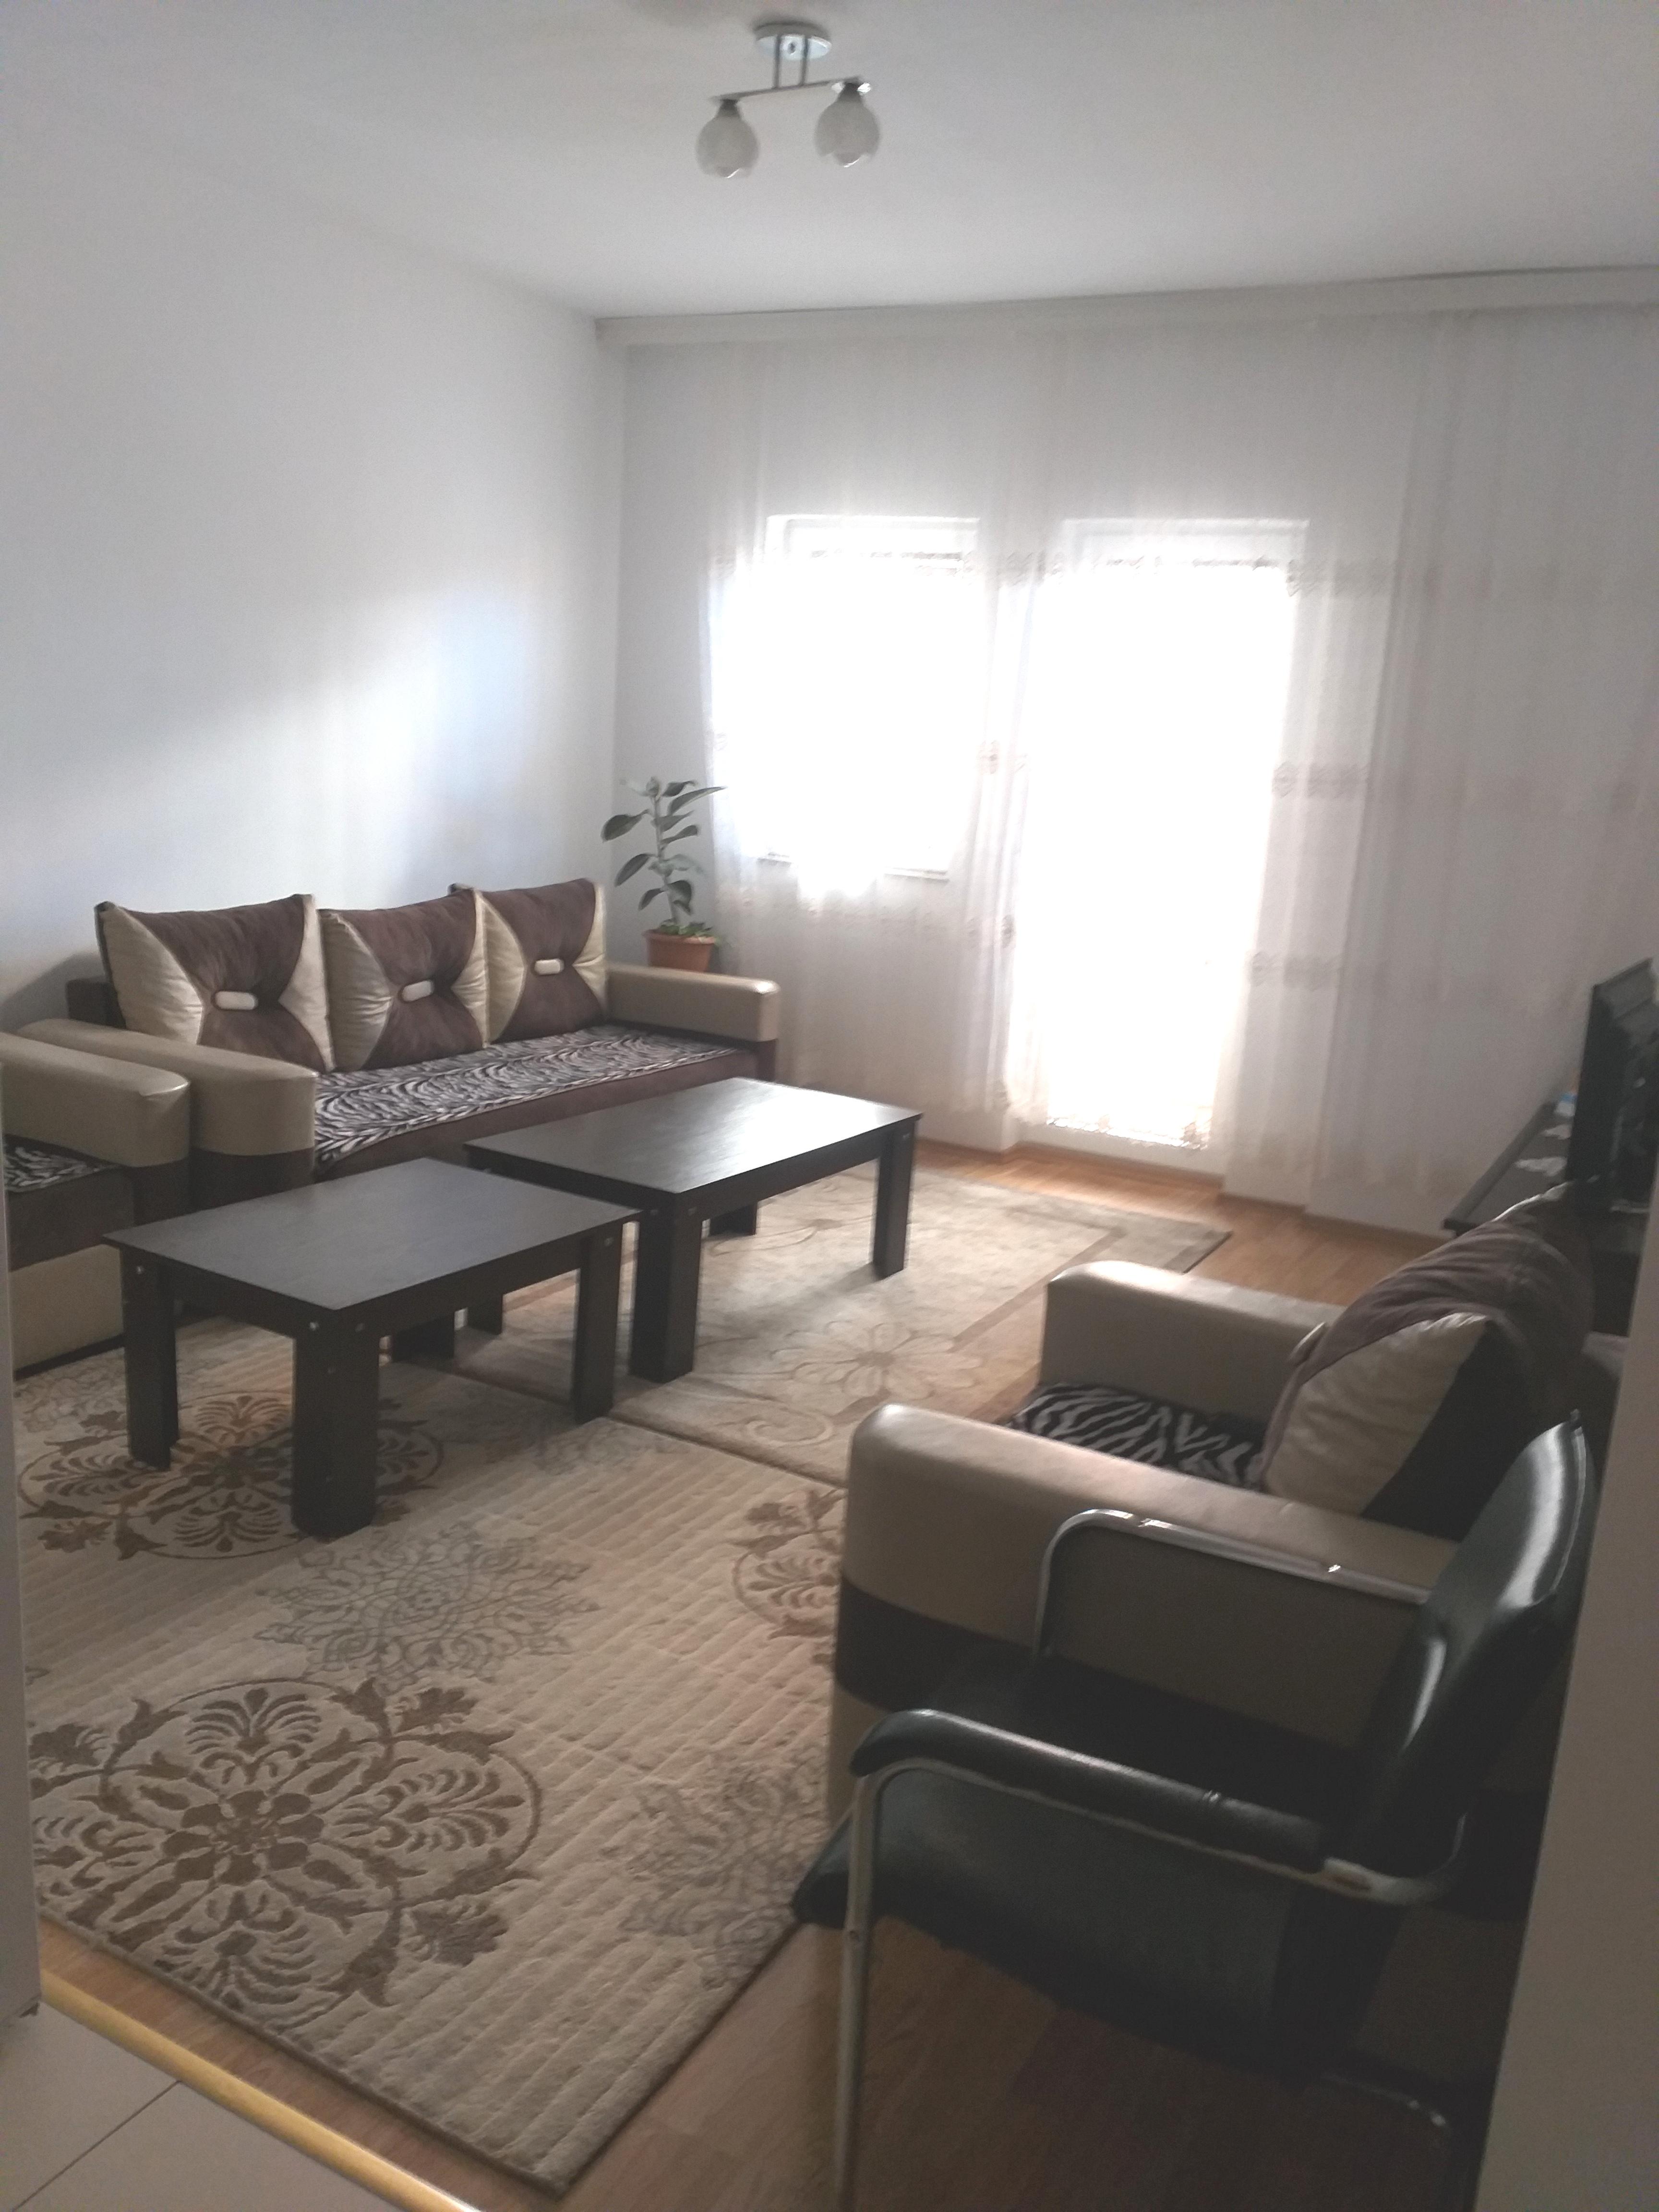 Shitet banesa 3 dhomëshe 62m2 kati 1 në Fushë Kosovë